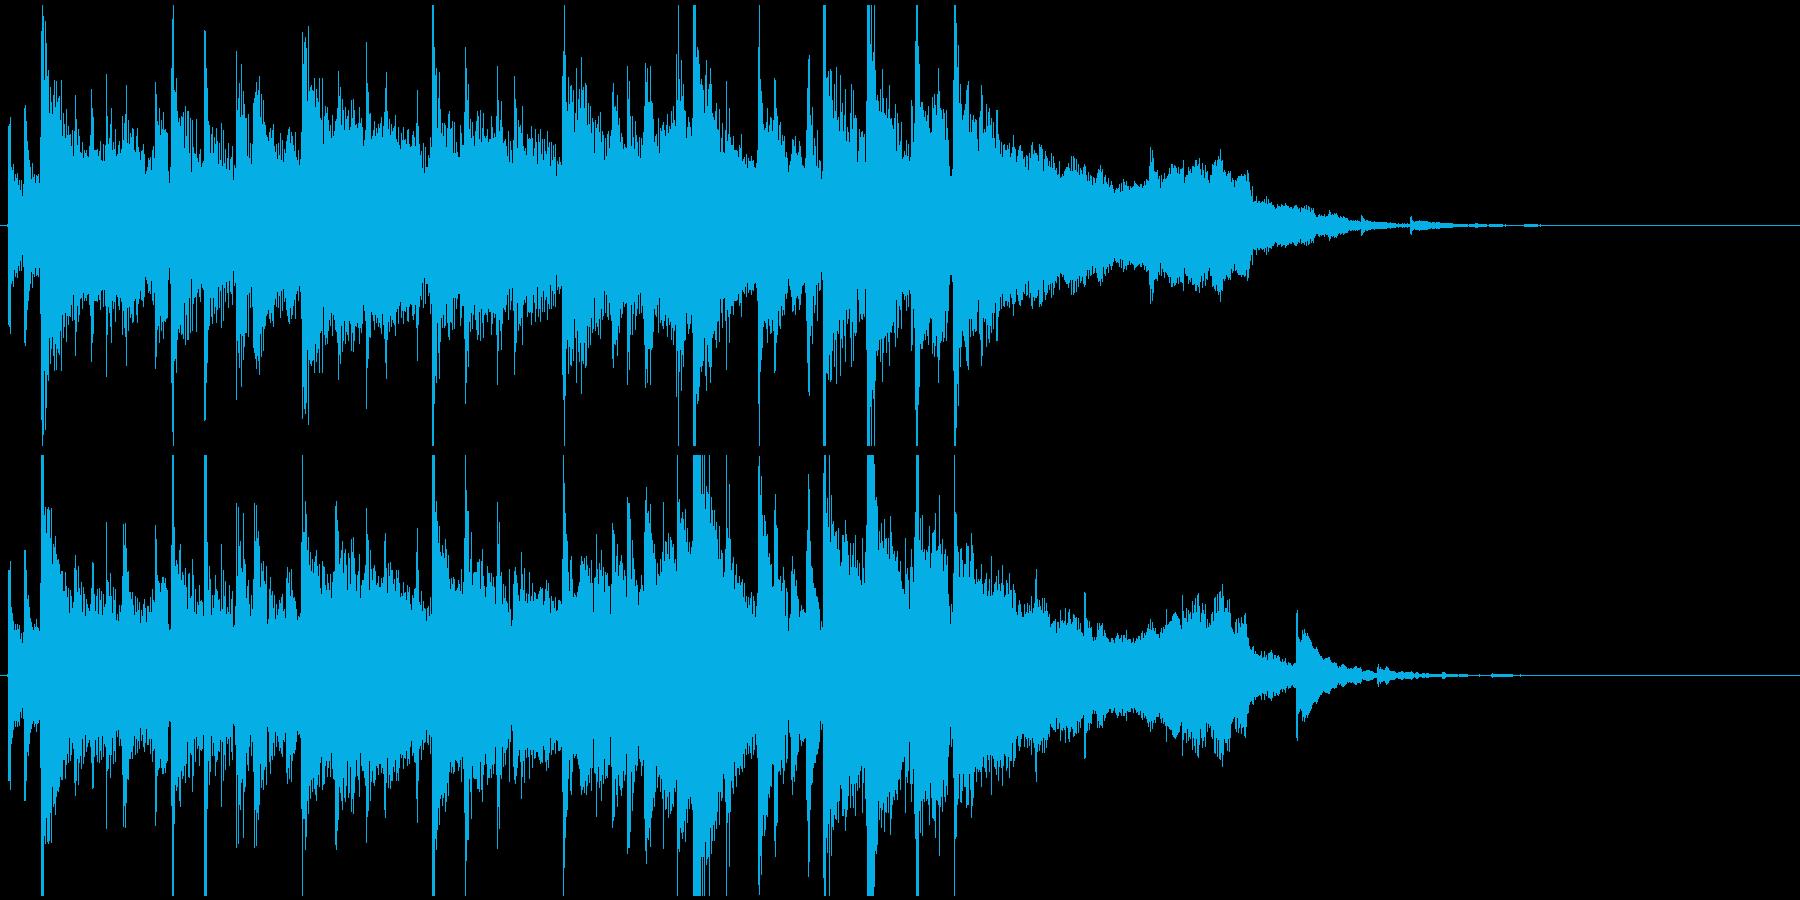 サックスのラジオジングル2の再生済みの波形